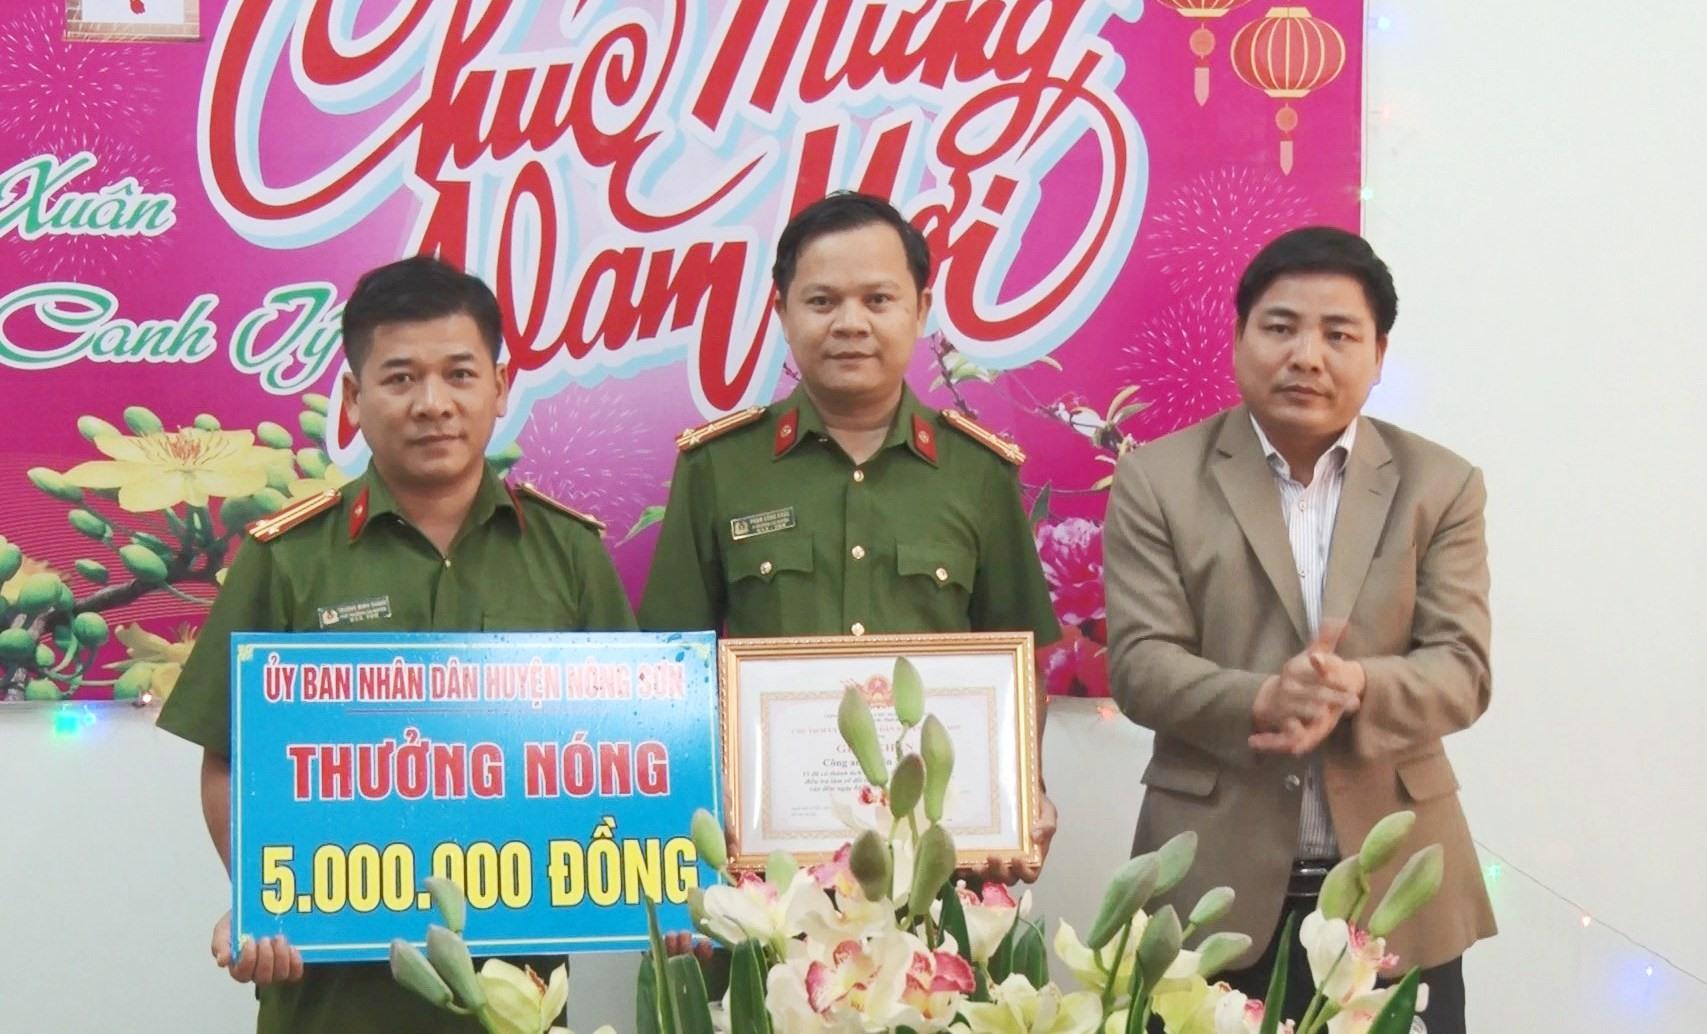 Chủ tịch UBND huyện Nông Sơn đến khen thưởng nóng tập thể Công an huyện